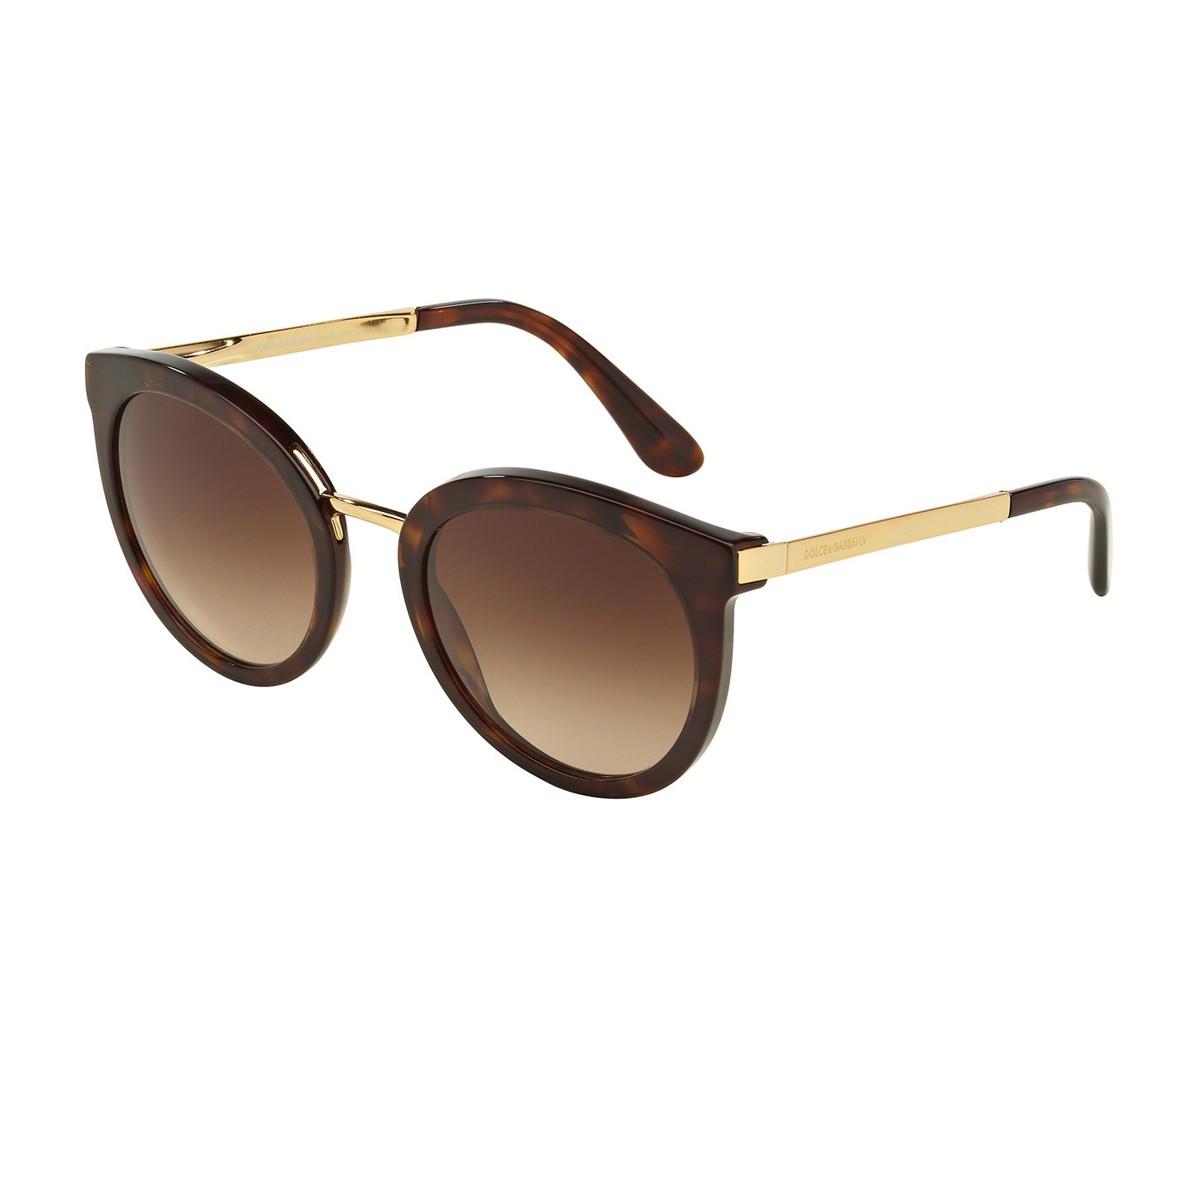 Dolce & Gabbana DG4268 | Occhiali da sole Donna